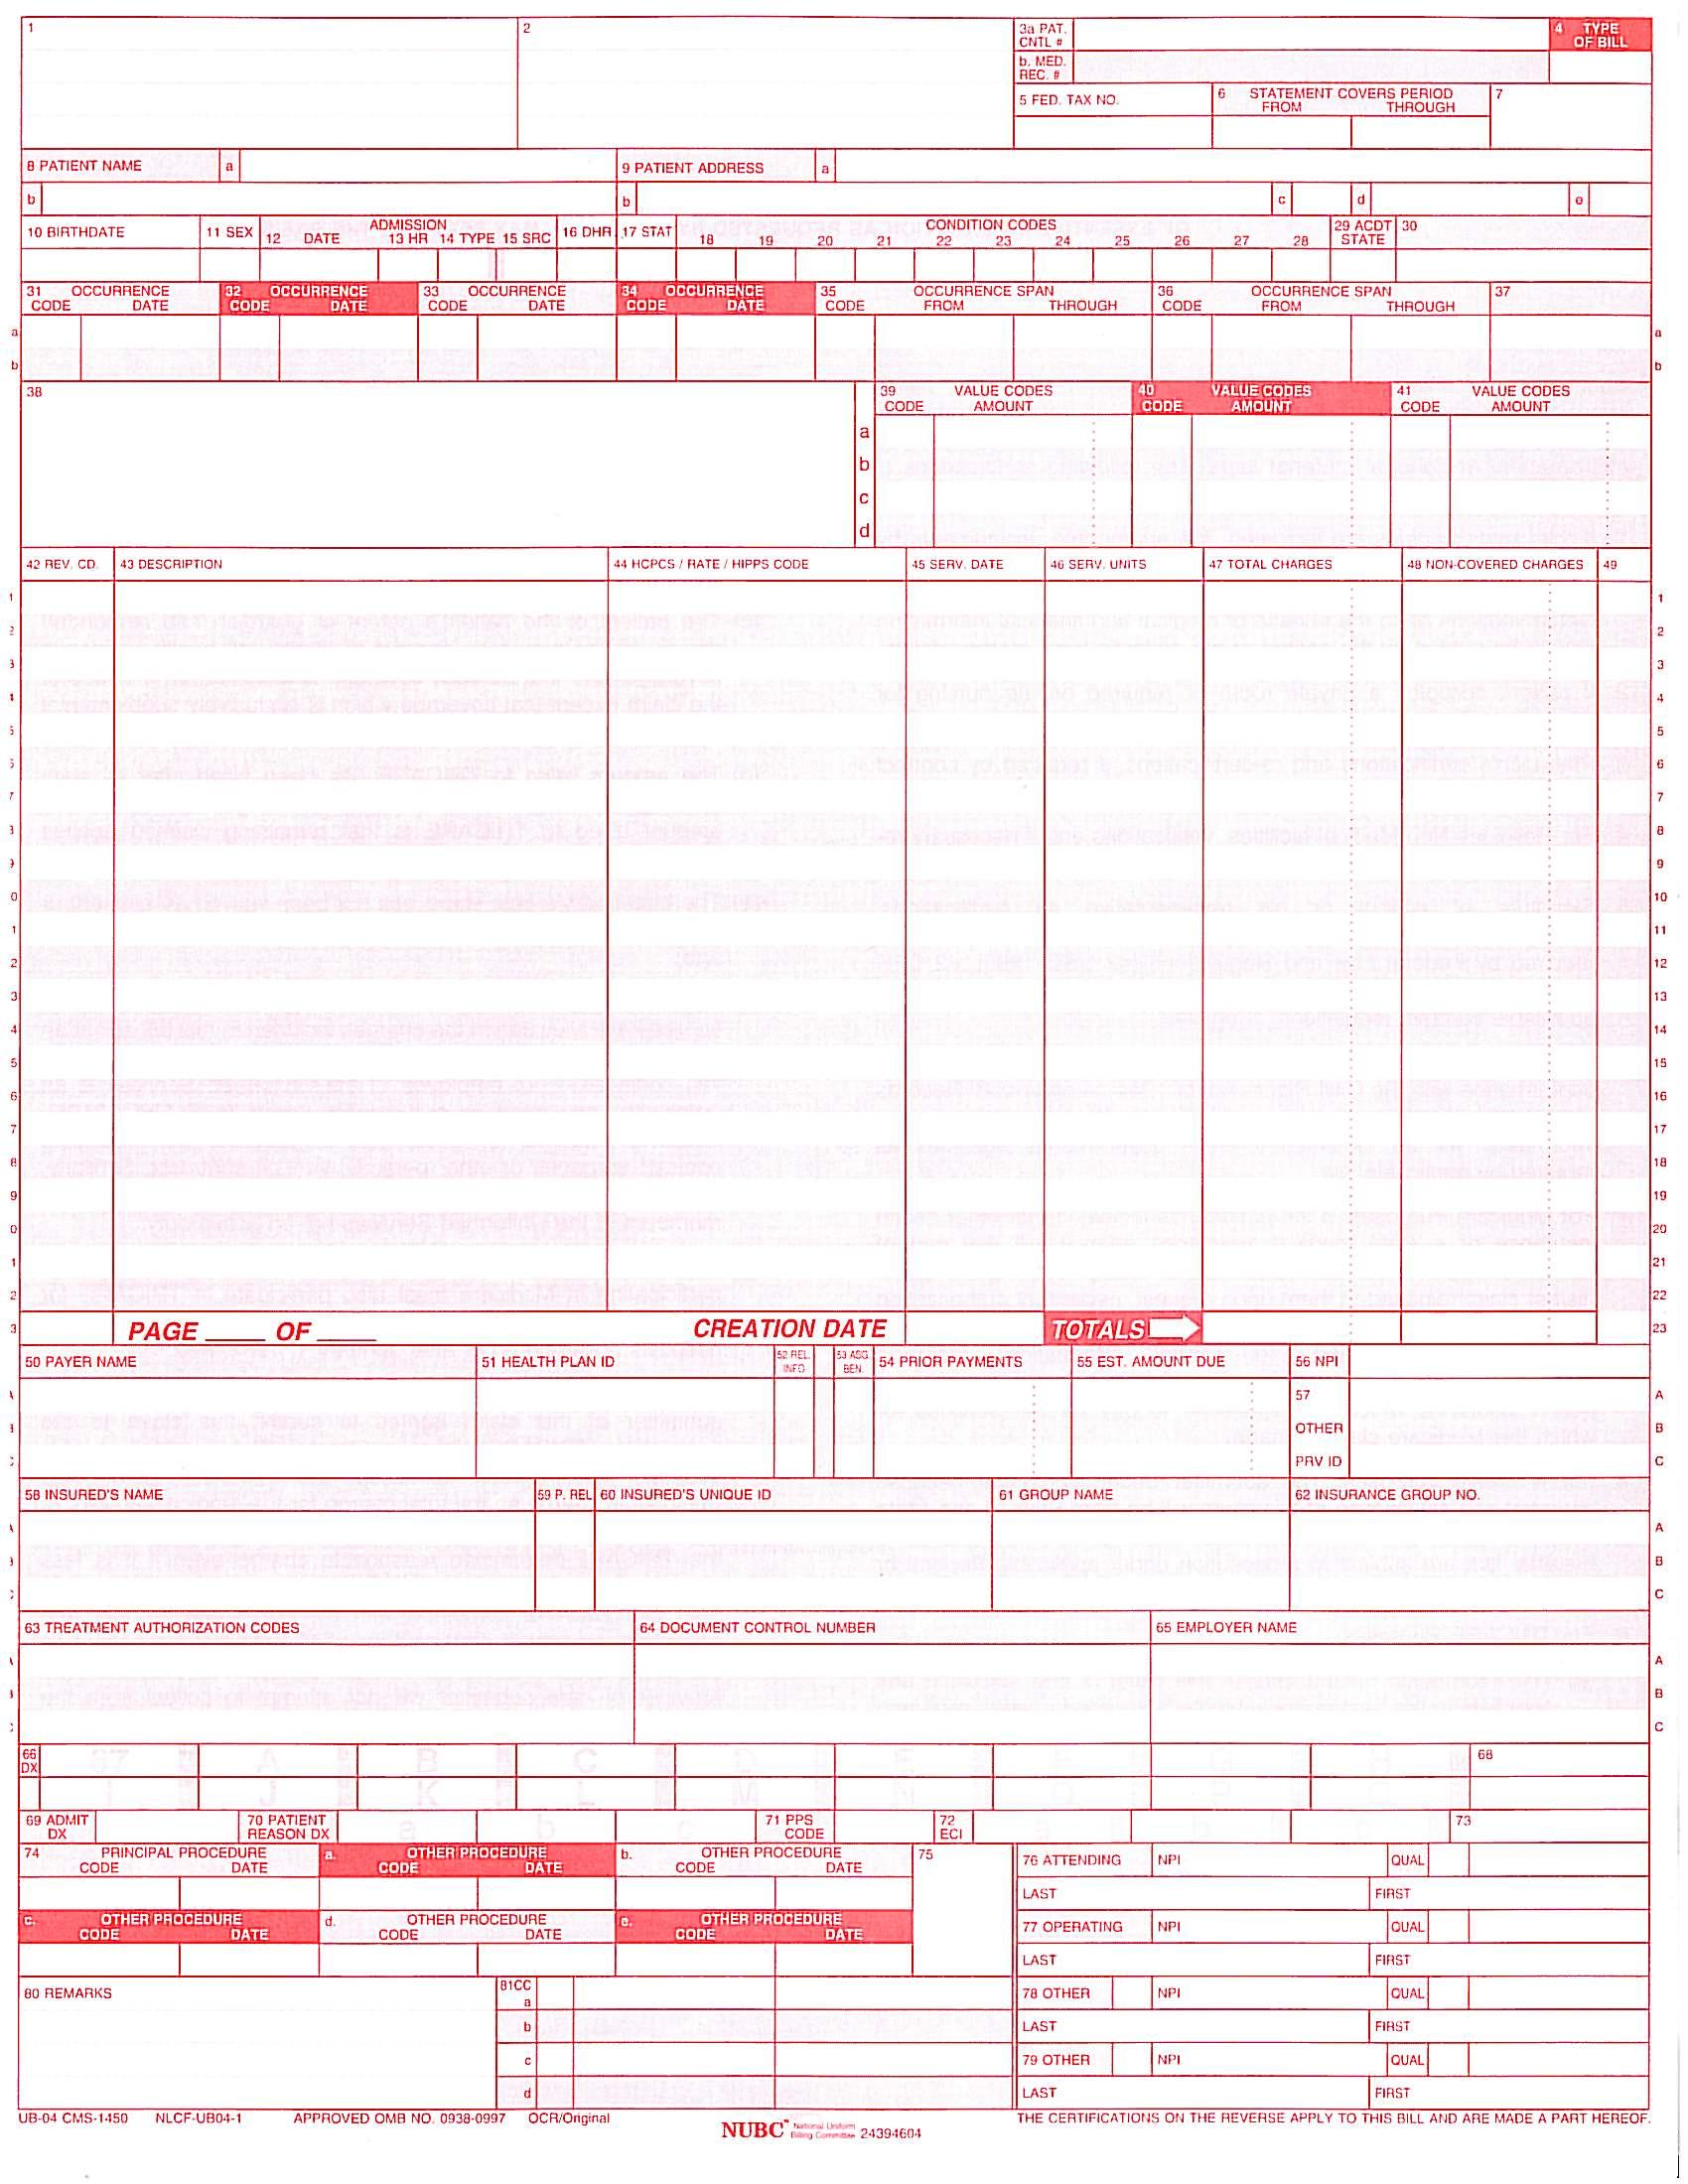 UB04 Medical Form Ub on eob medical form, ada medical form, hcfa medical form,